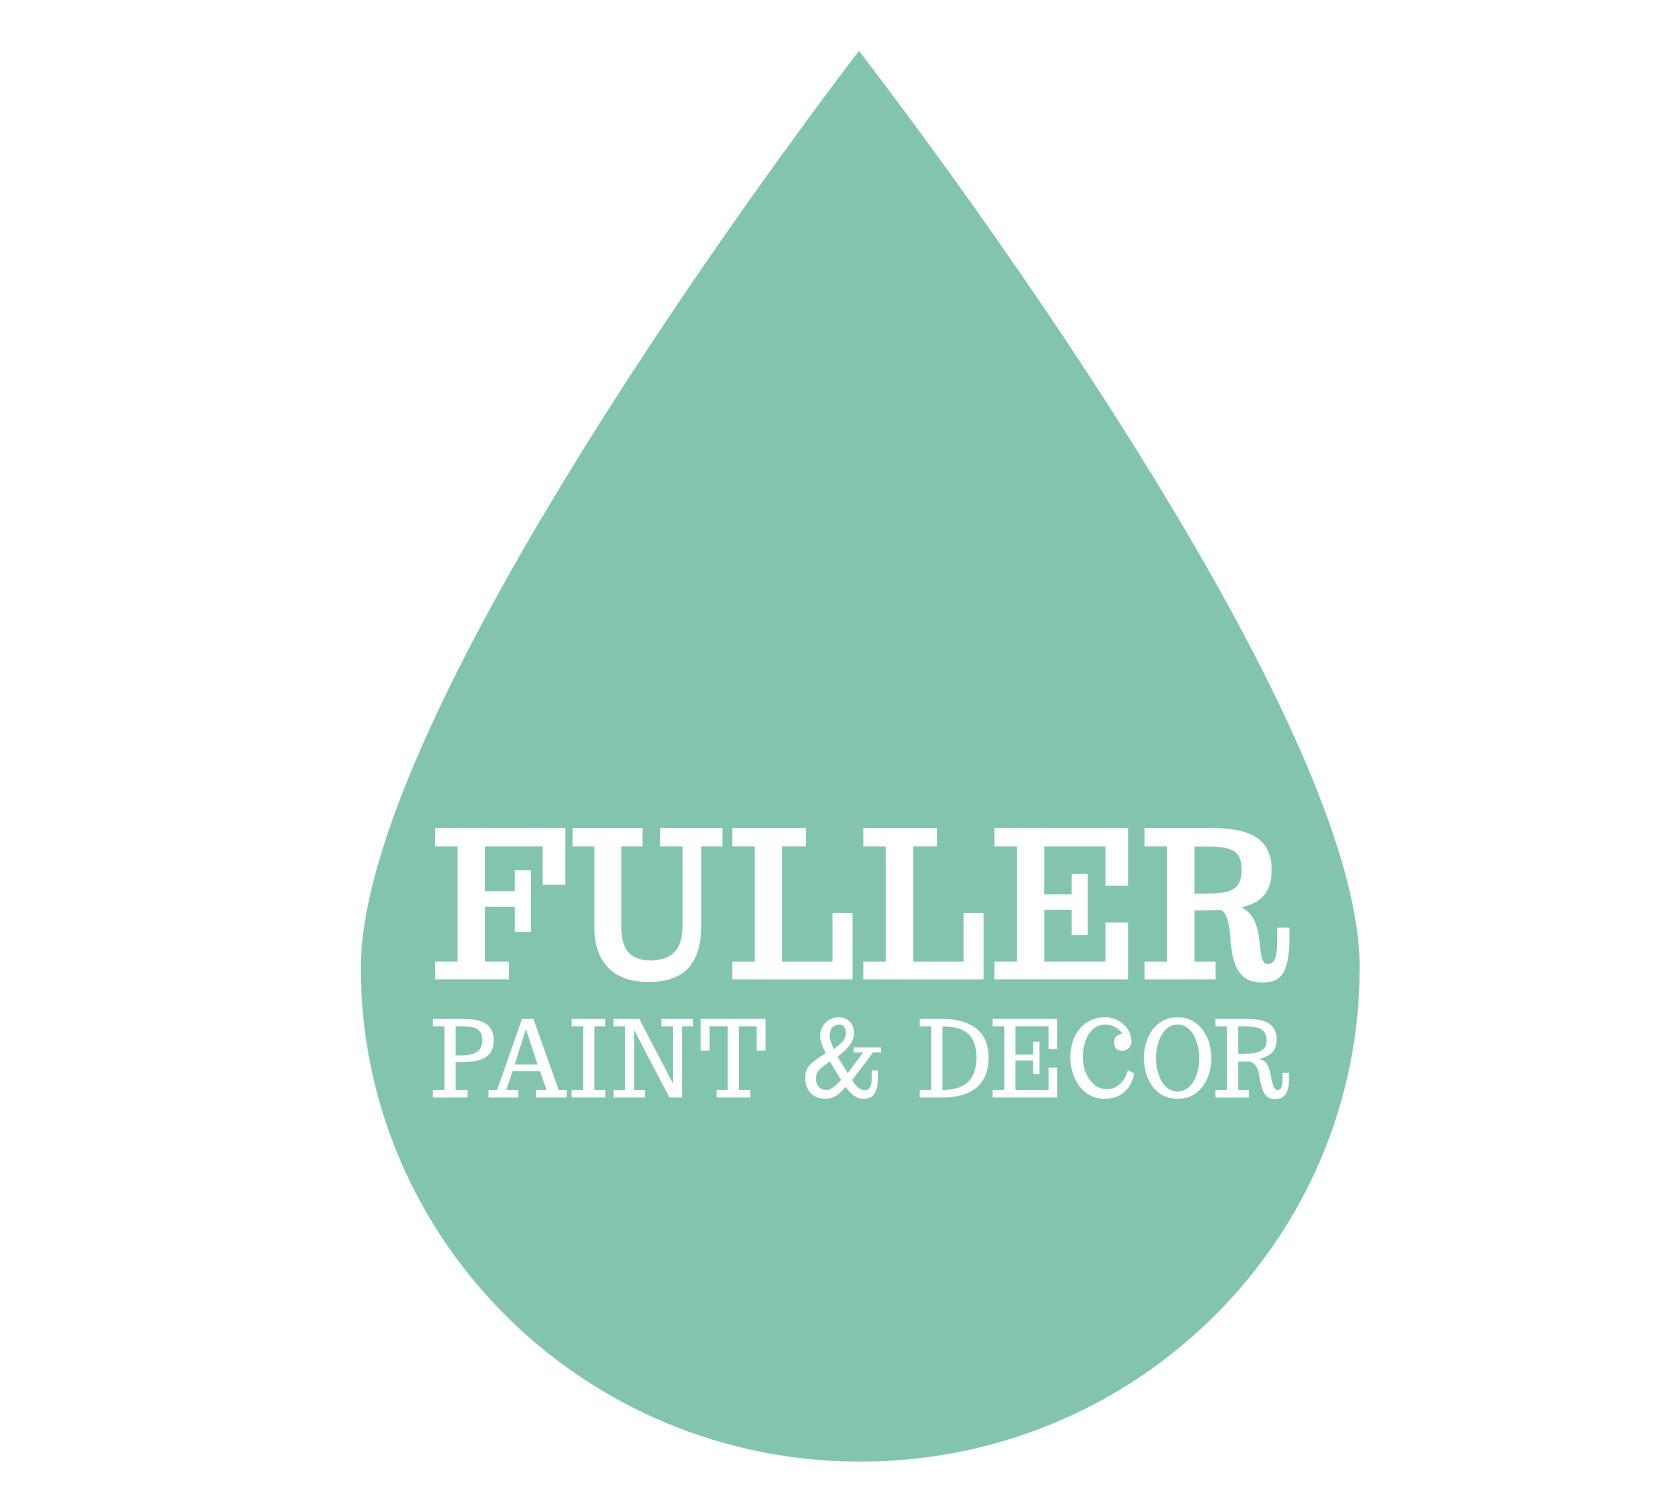 Fuller Paints